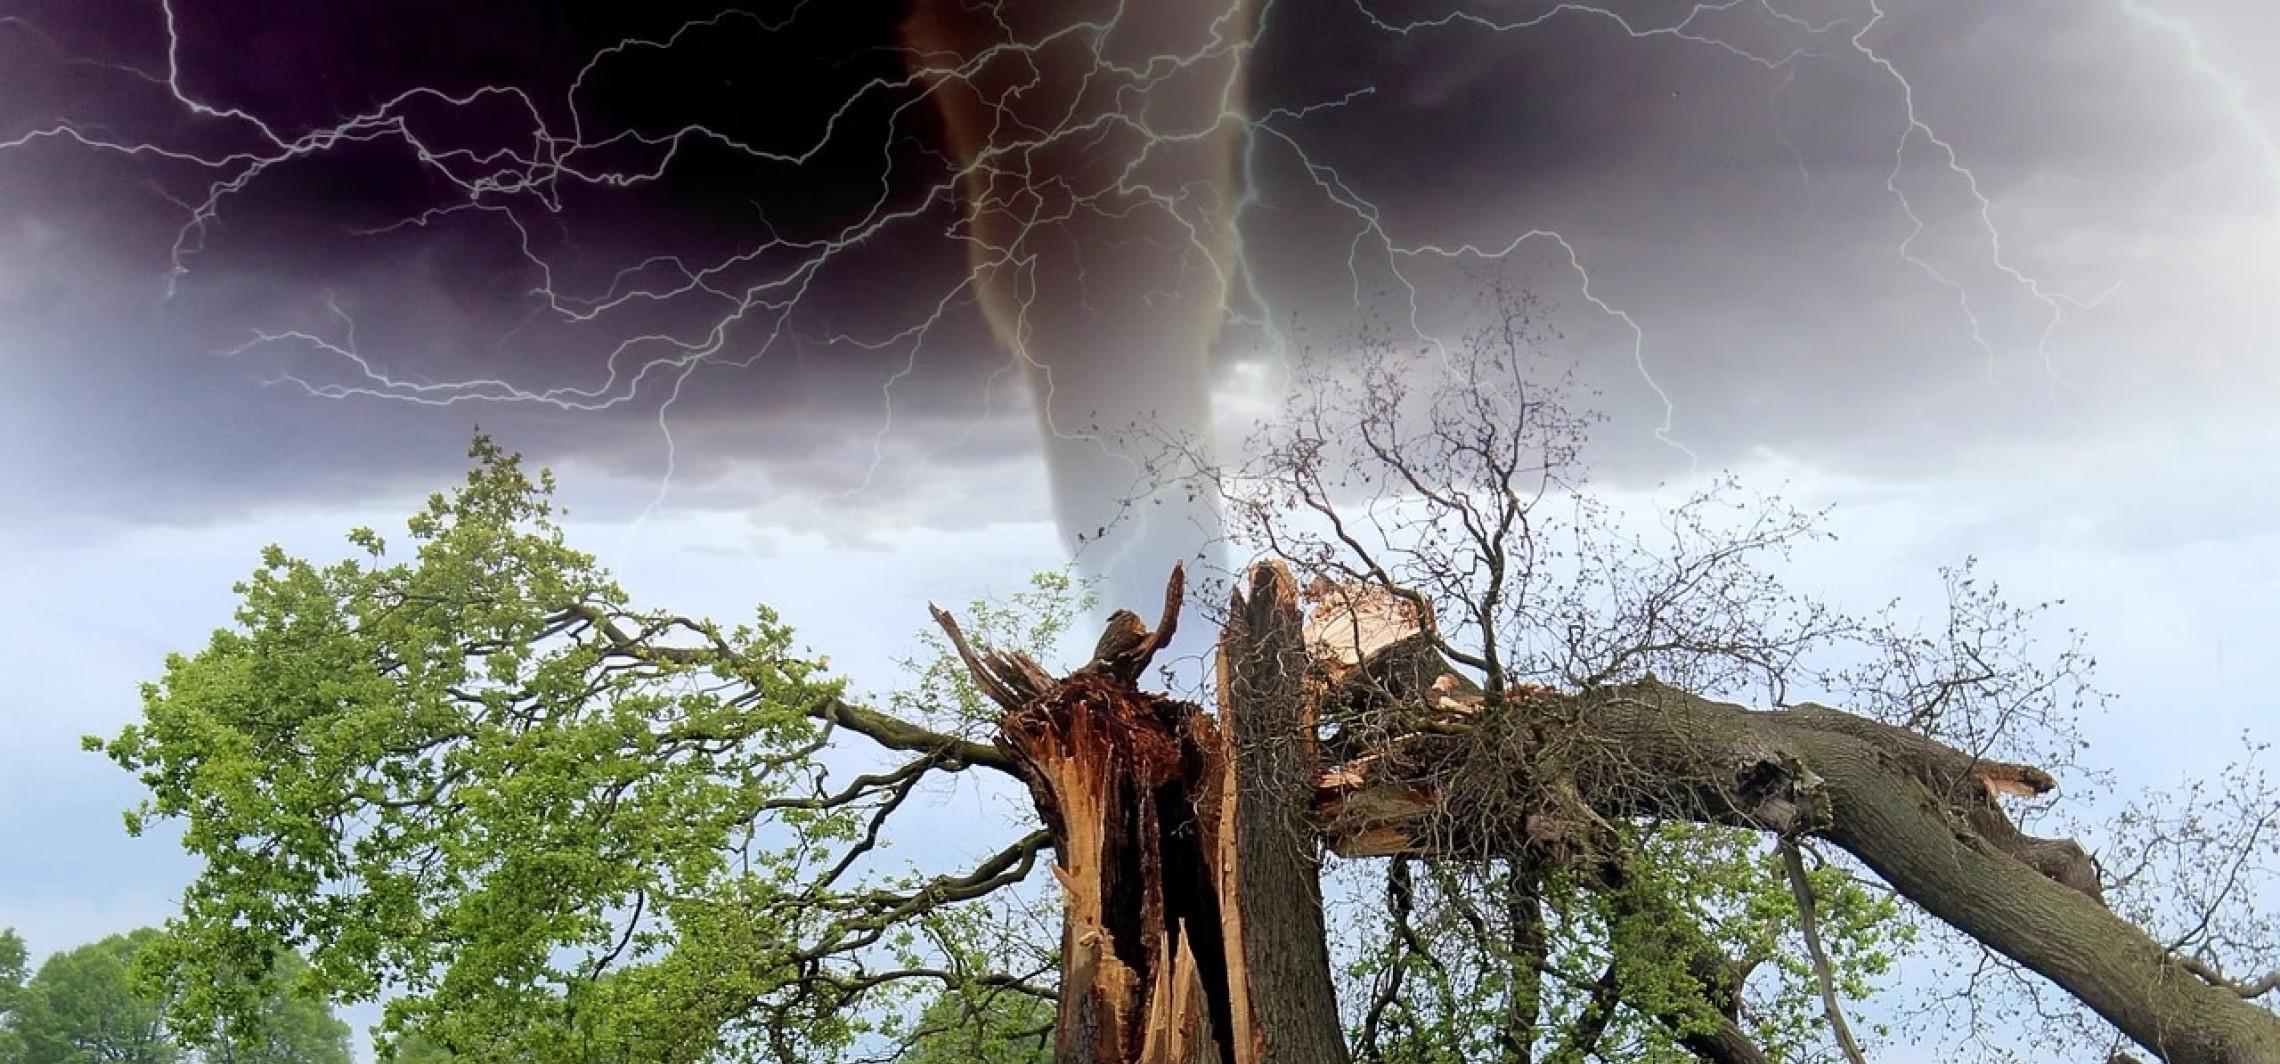 Inowrocław - Zielona środa: co jest groźniejsze od tornad?